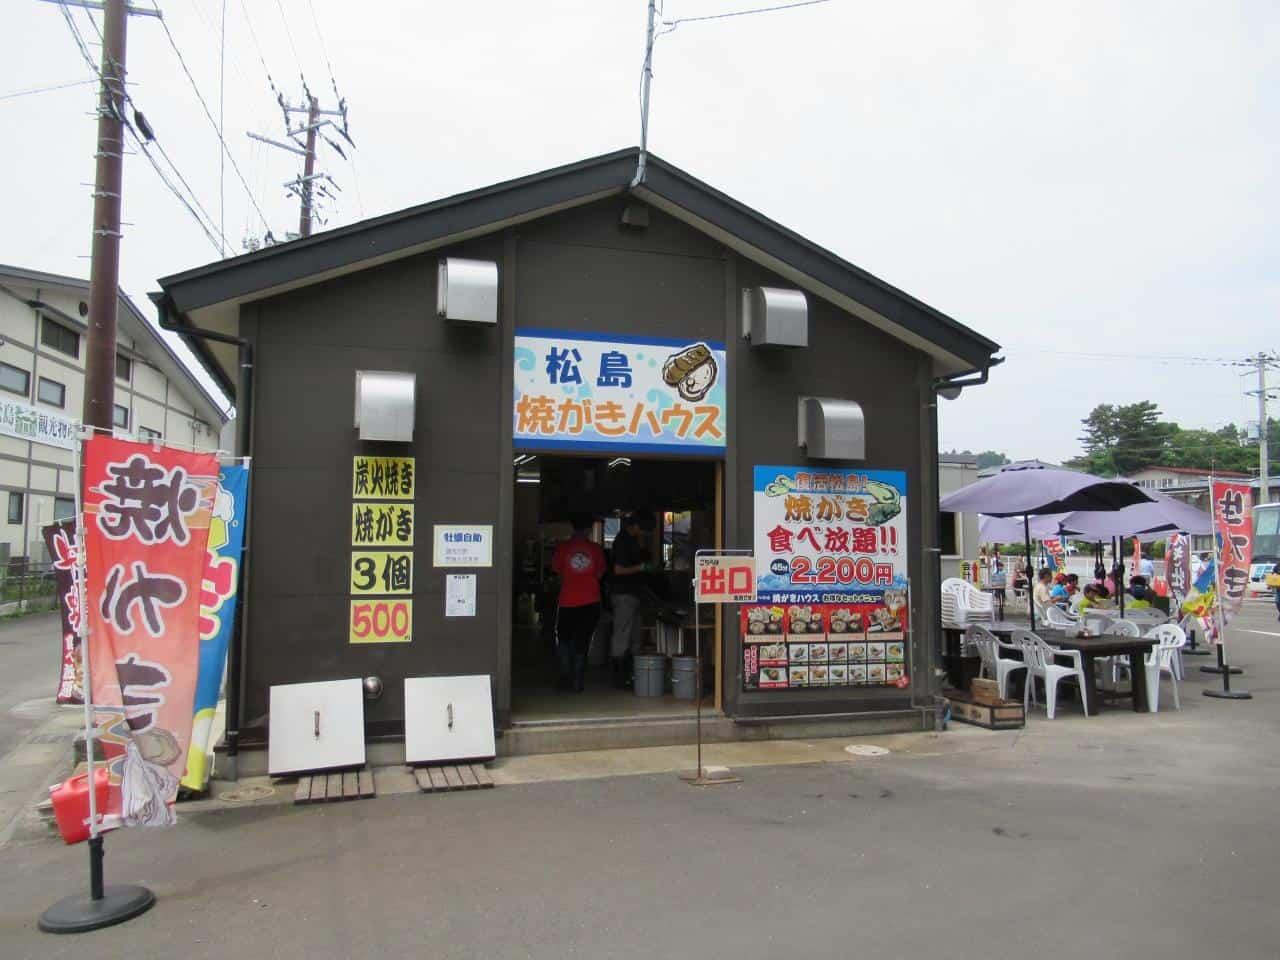 บุฟเฟ่ต์หอยนางรม มัตสึชิมะ : Yakigaki House